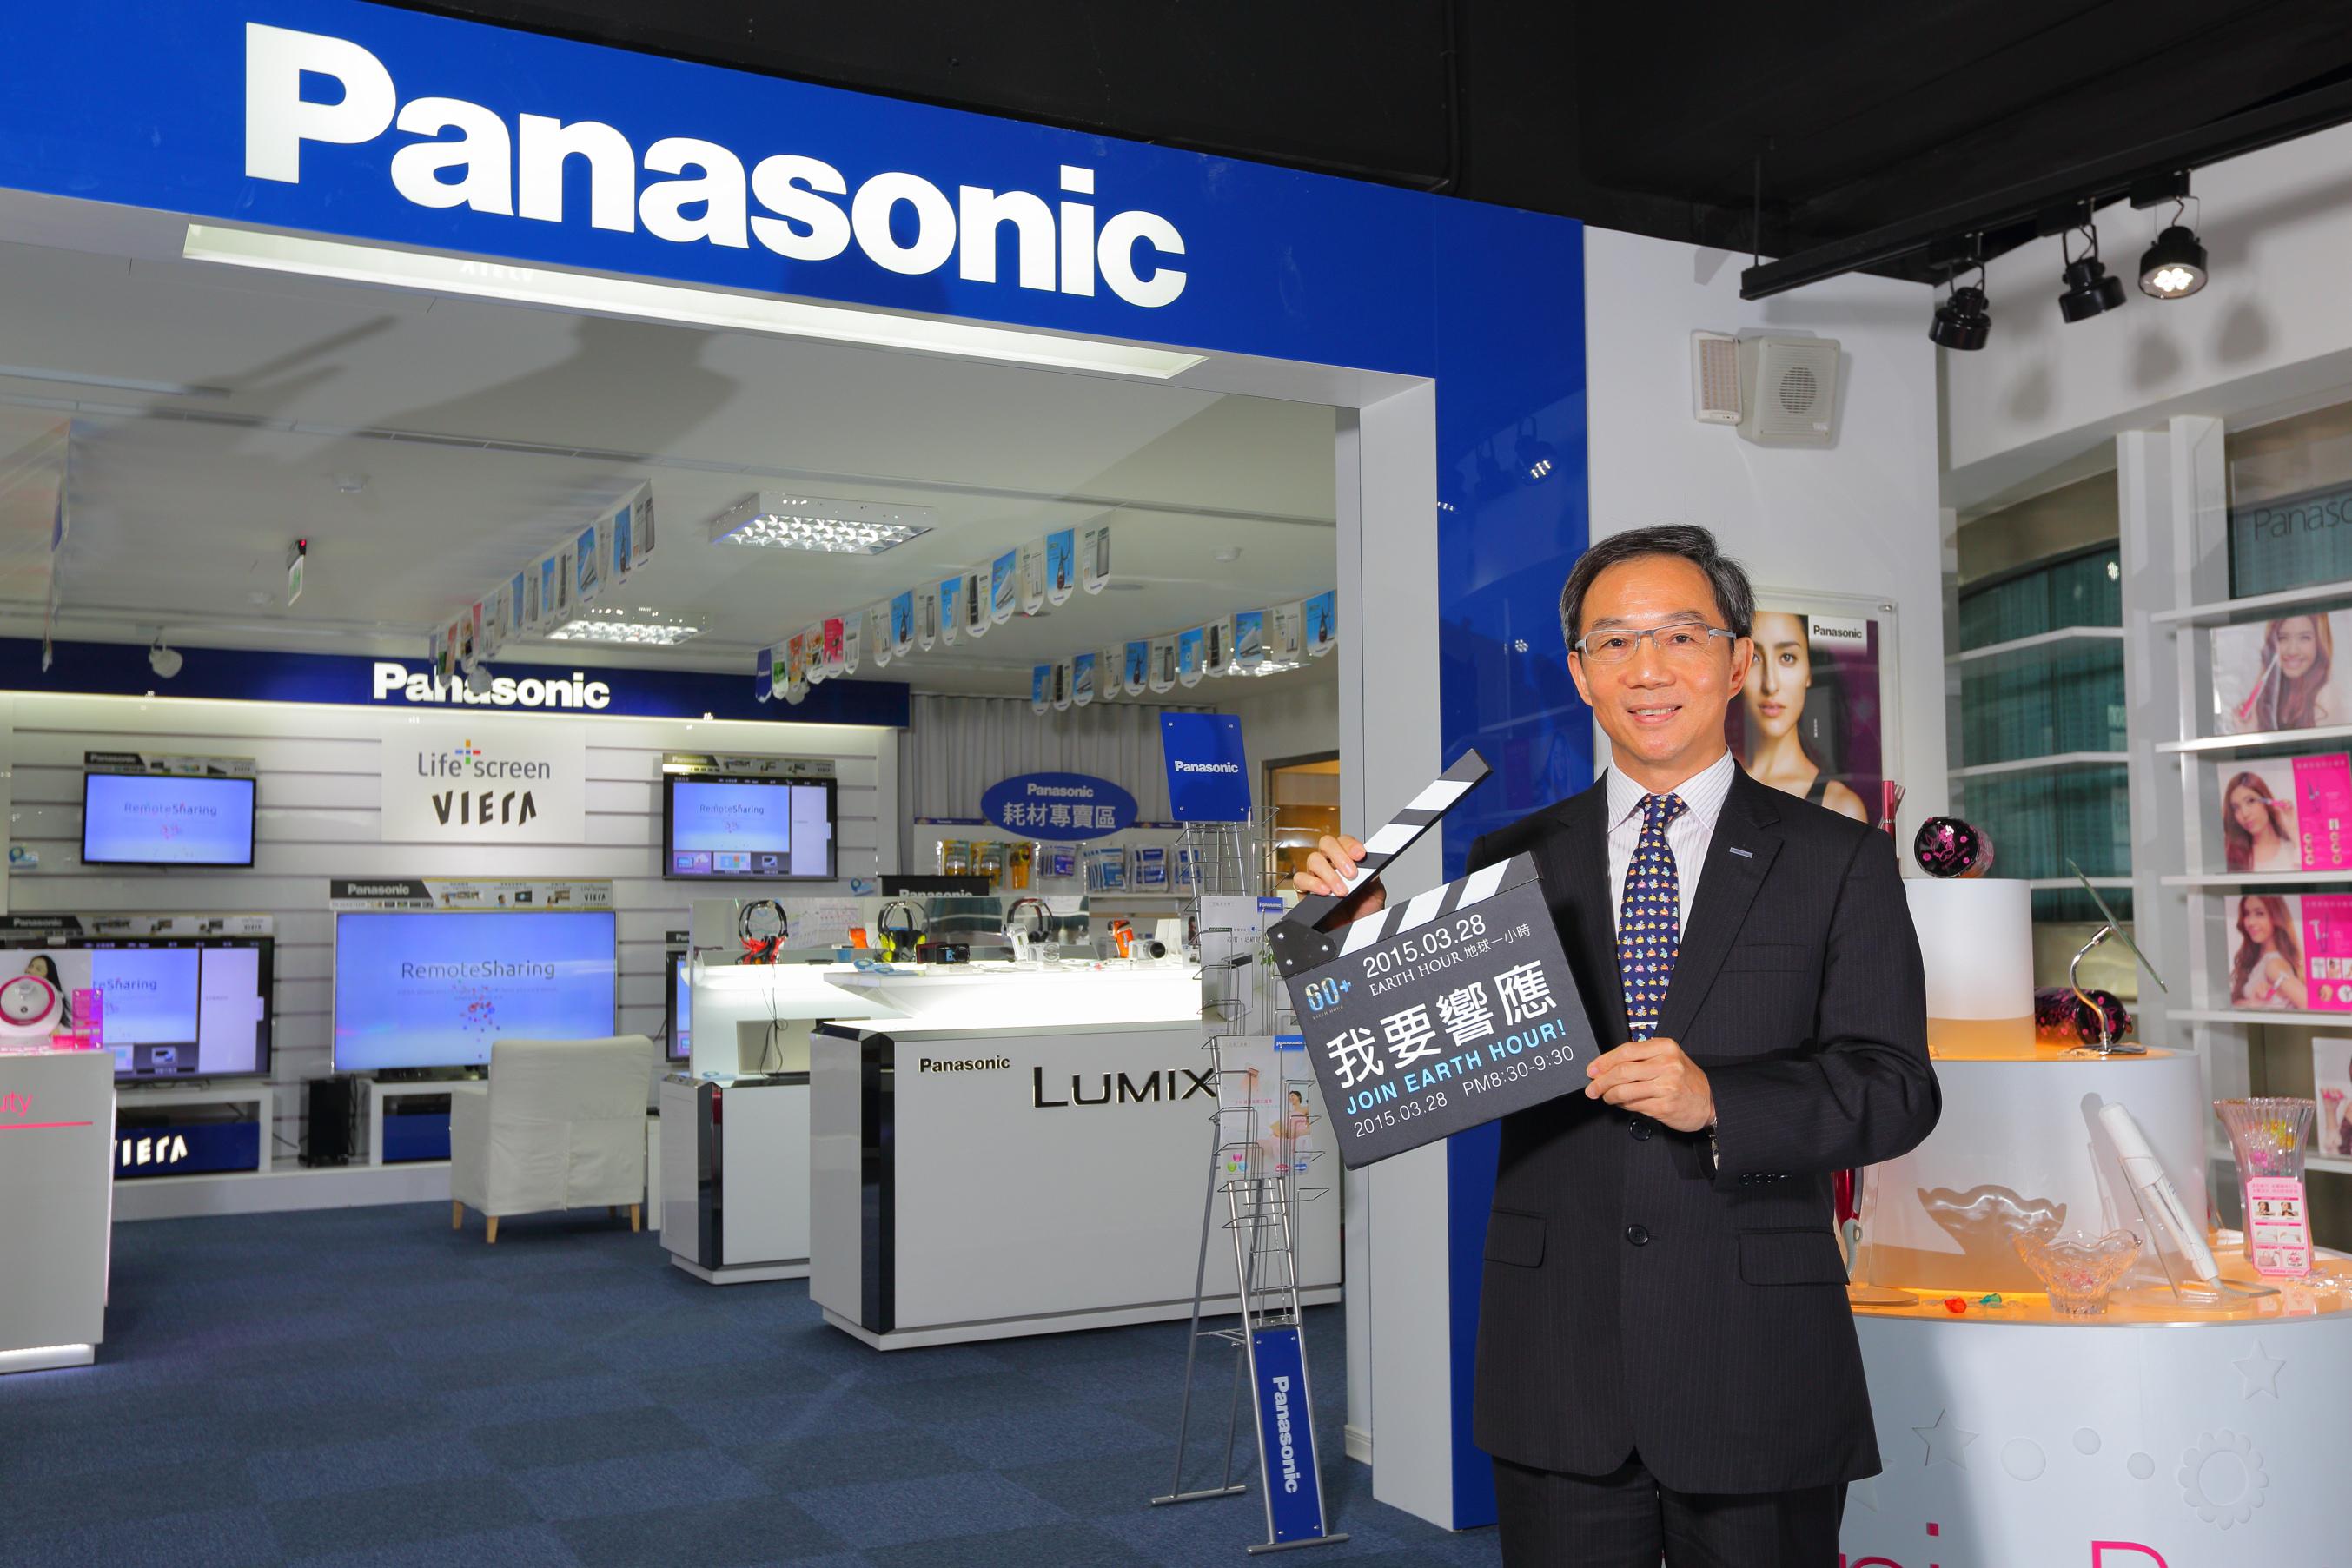 台灣Panasonic集團秉持「與地球環境共存」的經營理念 響應地球一小時關燈活動